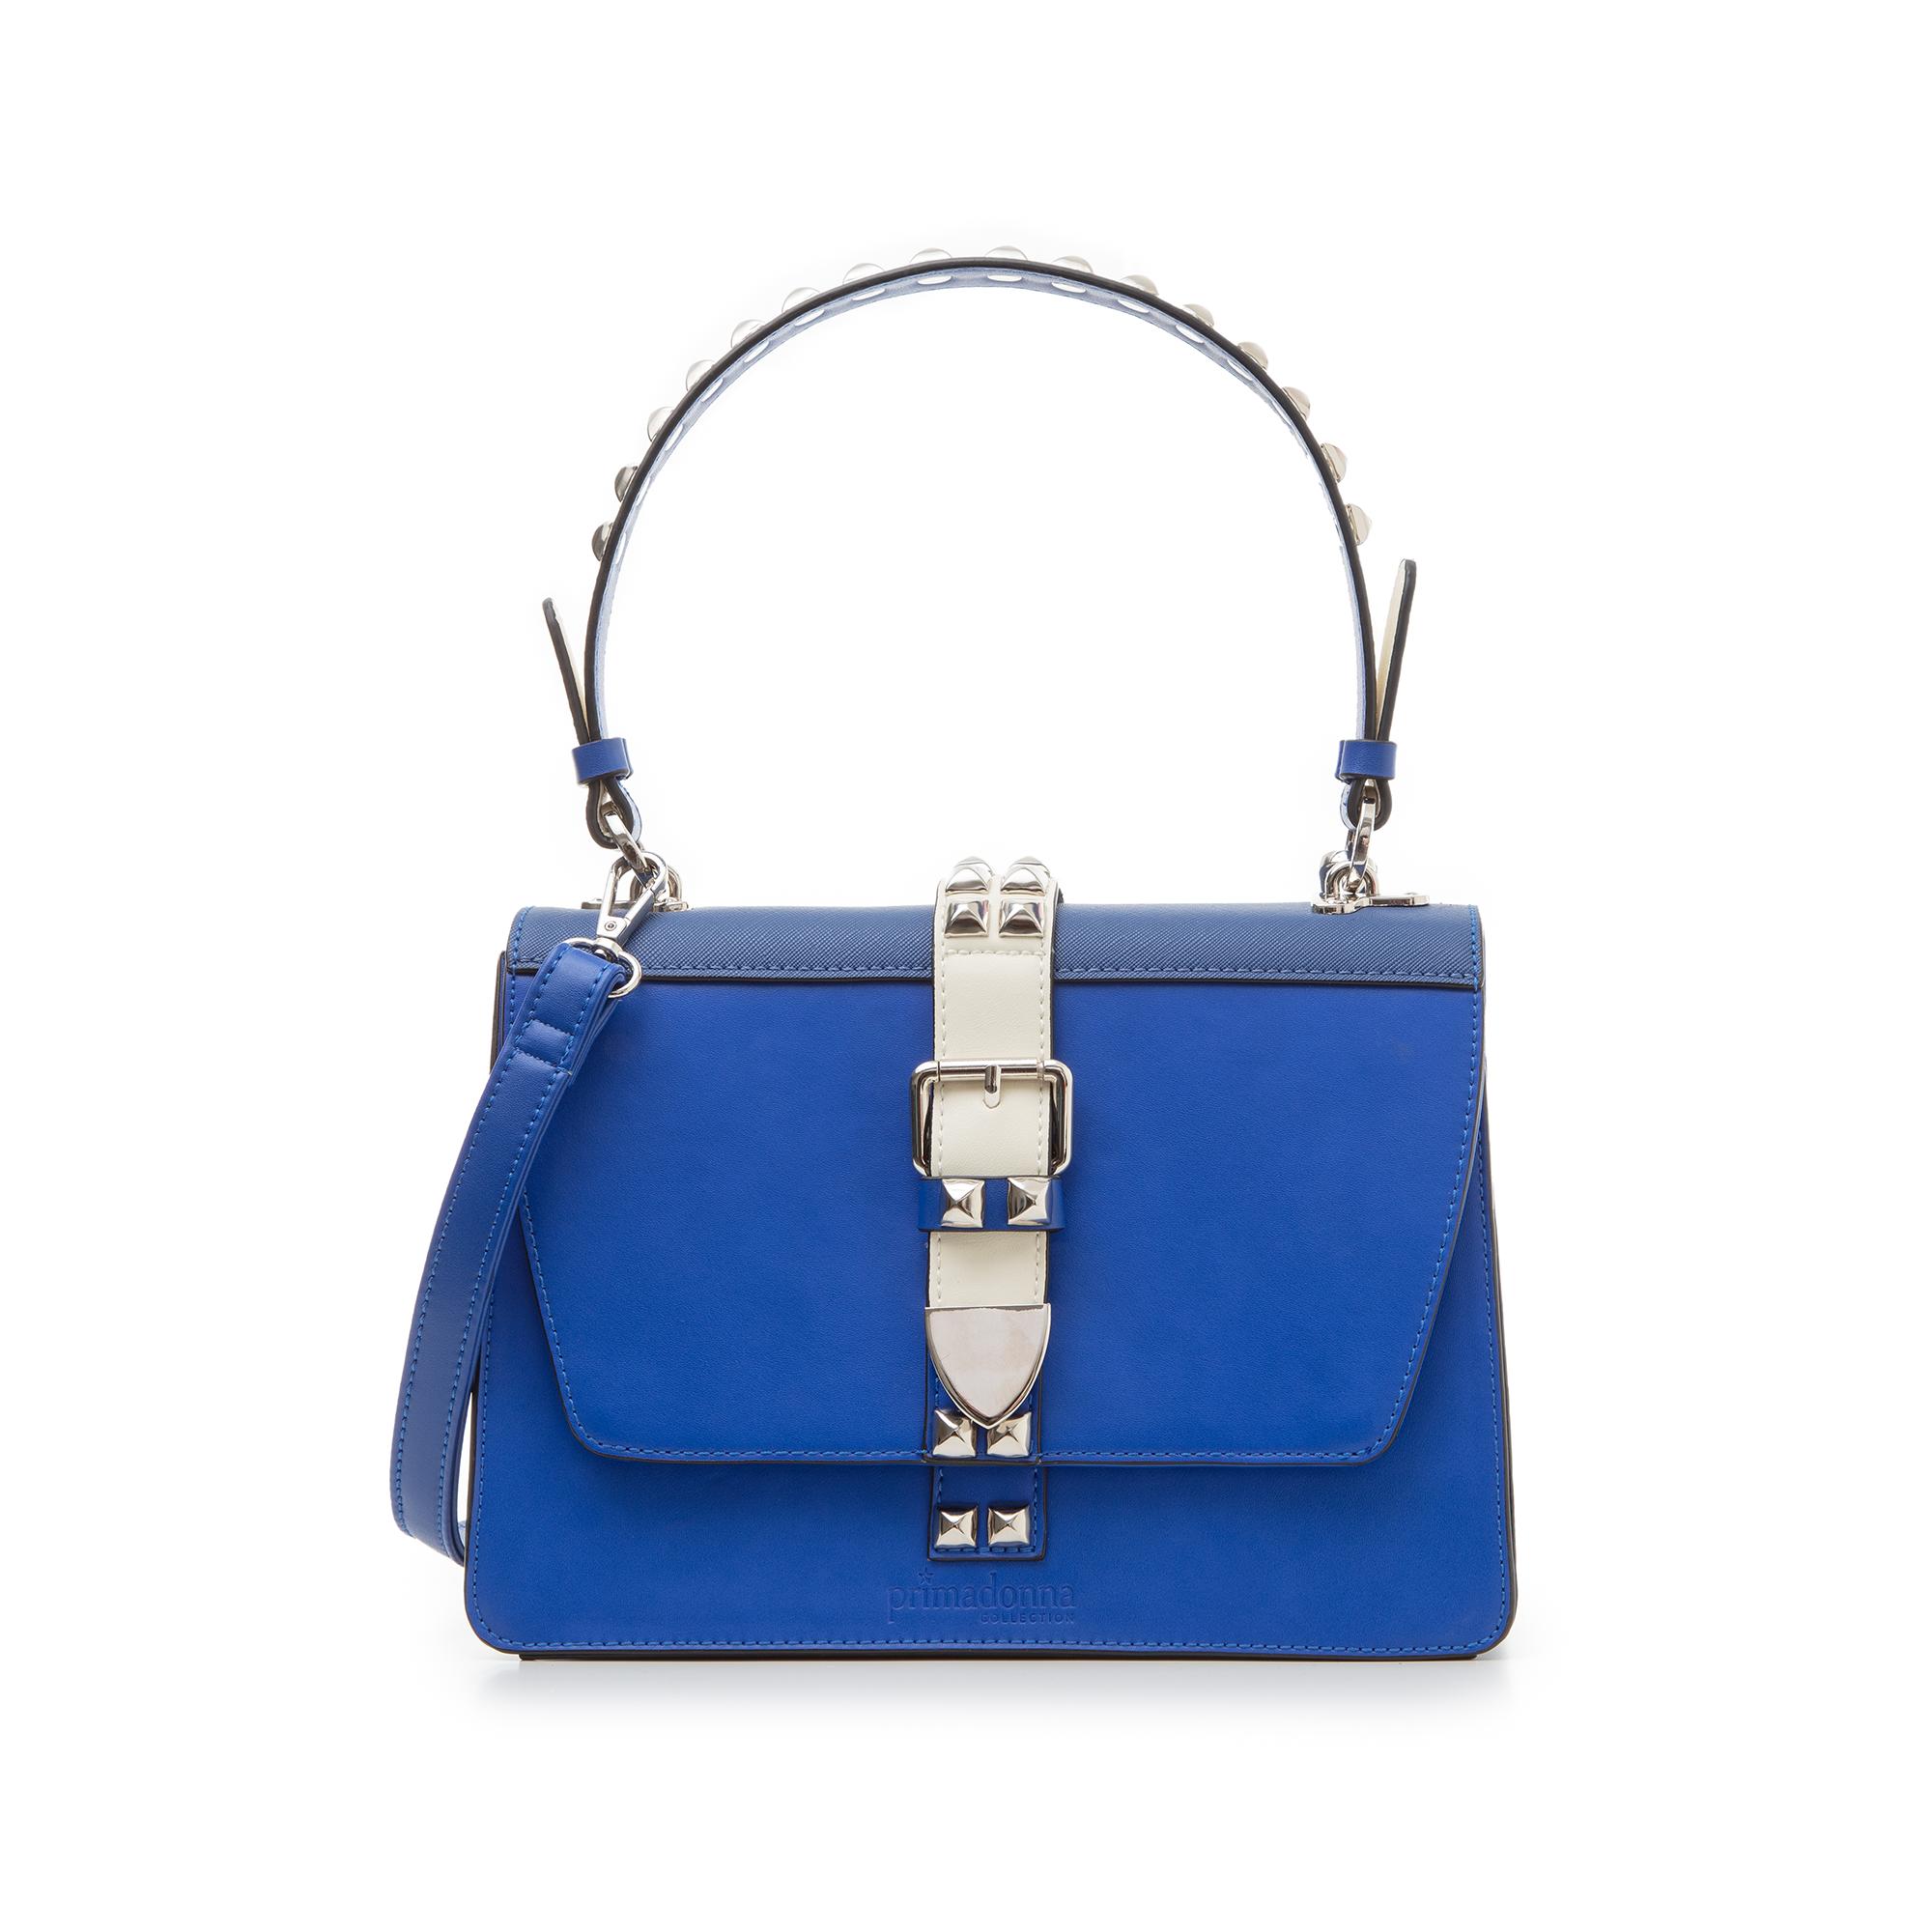 18afed87e3 5 Borsa media blu in eco-pelle con borchie